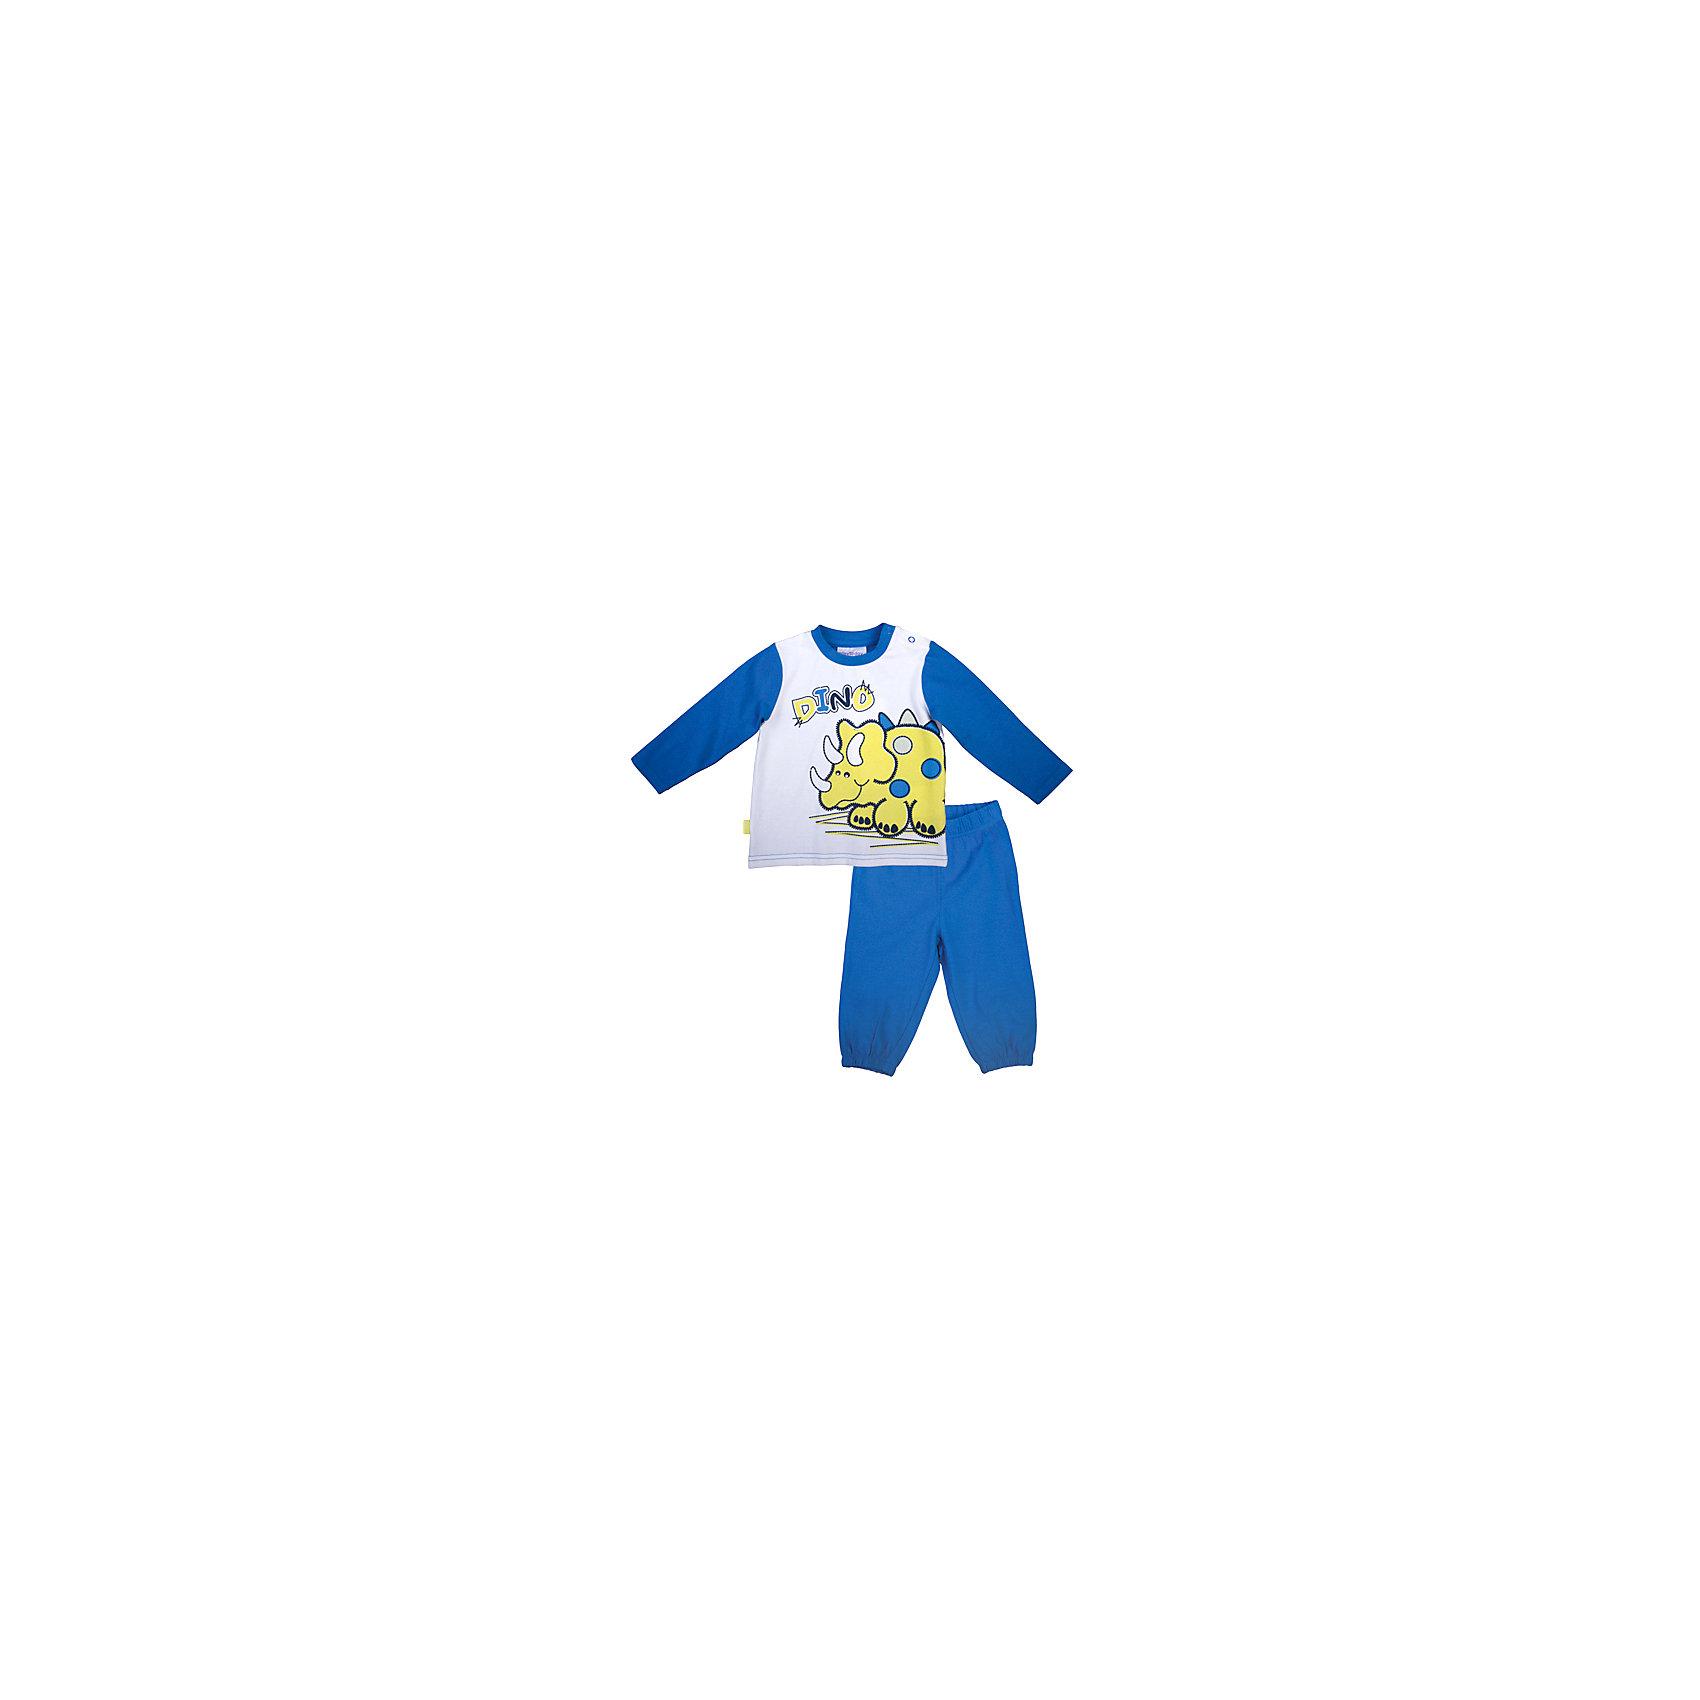 Комплект: футболка с длинным рукавом и брюки для мальчика PlayTodayКомплекты<br>Комплект: футболка с длинным рукавом и брюки для мальчика от известного бренда PlayToday.<br>Комплект из футболки с длинными рукавами и брюк. Футболка украшена ярким водным принтом с забавным динозавриком. Застегивается на кнопки на плече. Пояс и низ штанишек на резинке.<br>Состав:<br>95% хлопок, 5% эластан<br><br>Ширина мм: 157<br>Глубина мм: 13<br>Высота мм: 119<br>Вес г: 200<br>Цвет: синий<br>Возраст от месяцев: 18<br>Возраст до месяцев: 24<br>Пол: Мужской<br>Возраст: Детский<br>Размер: 80,86,92,74<br>SKU: 4900413